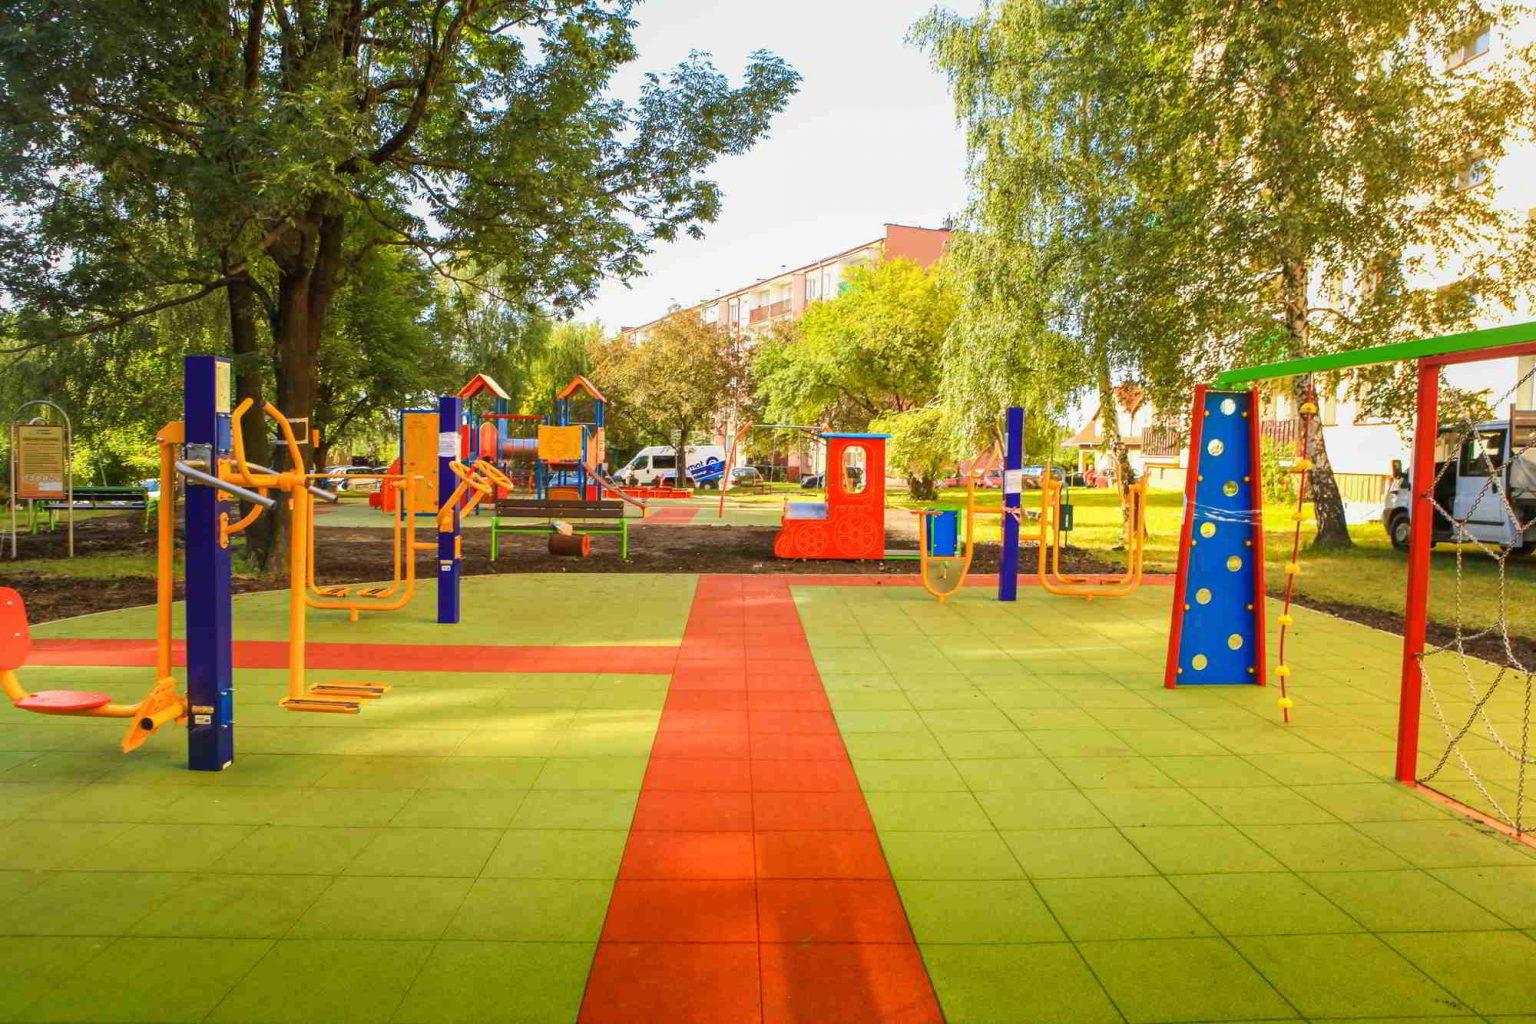 Plac zabaw i siłownia plenerowa z nawierzchnią z płyt gumowych.